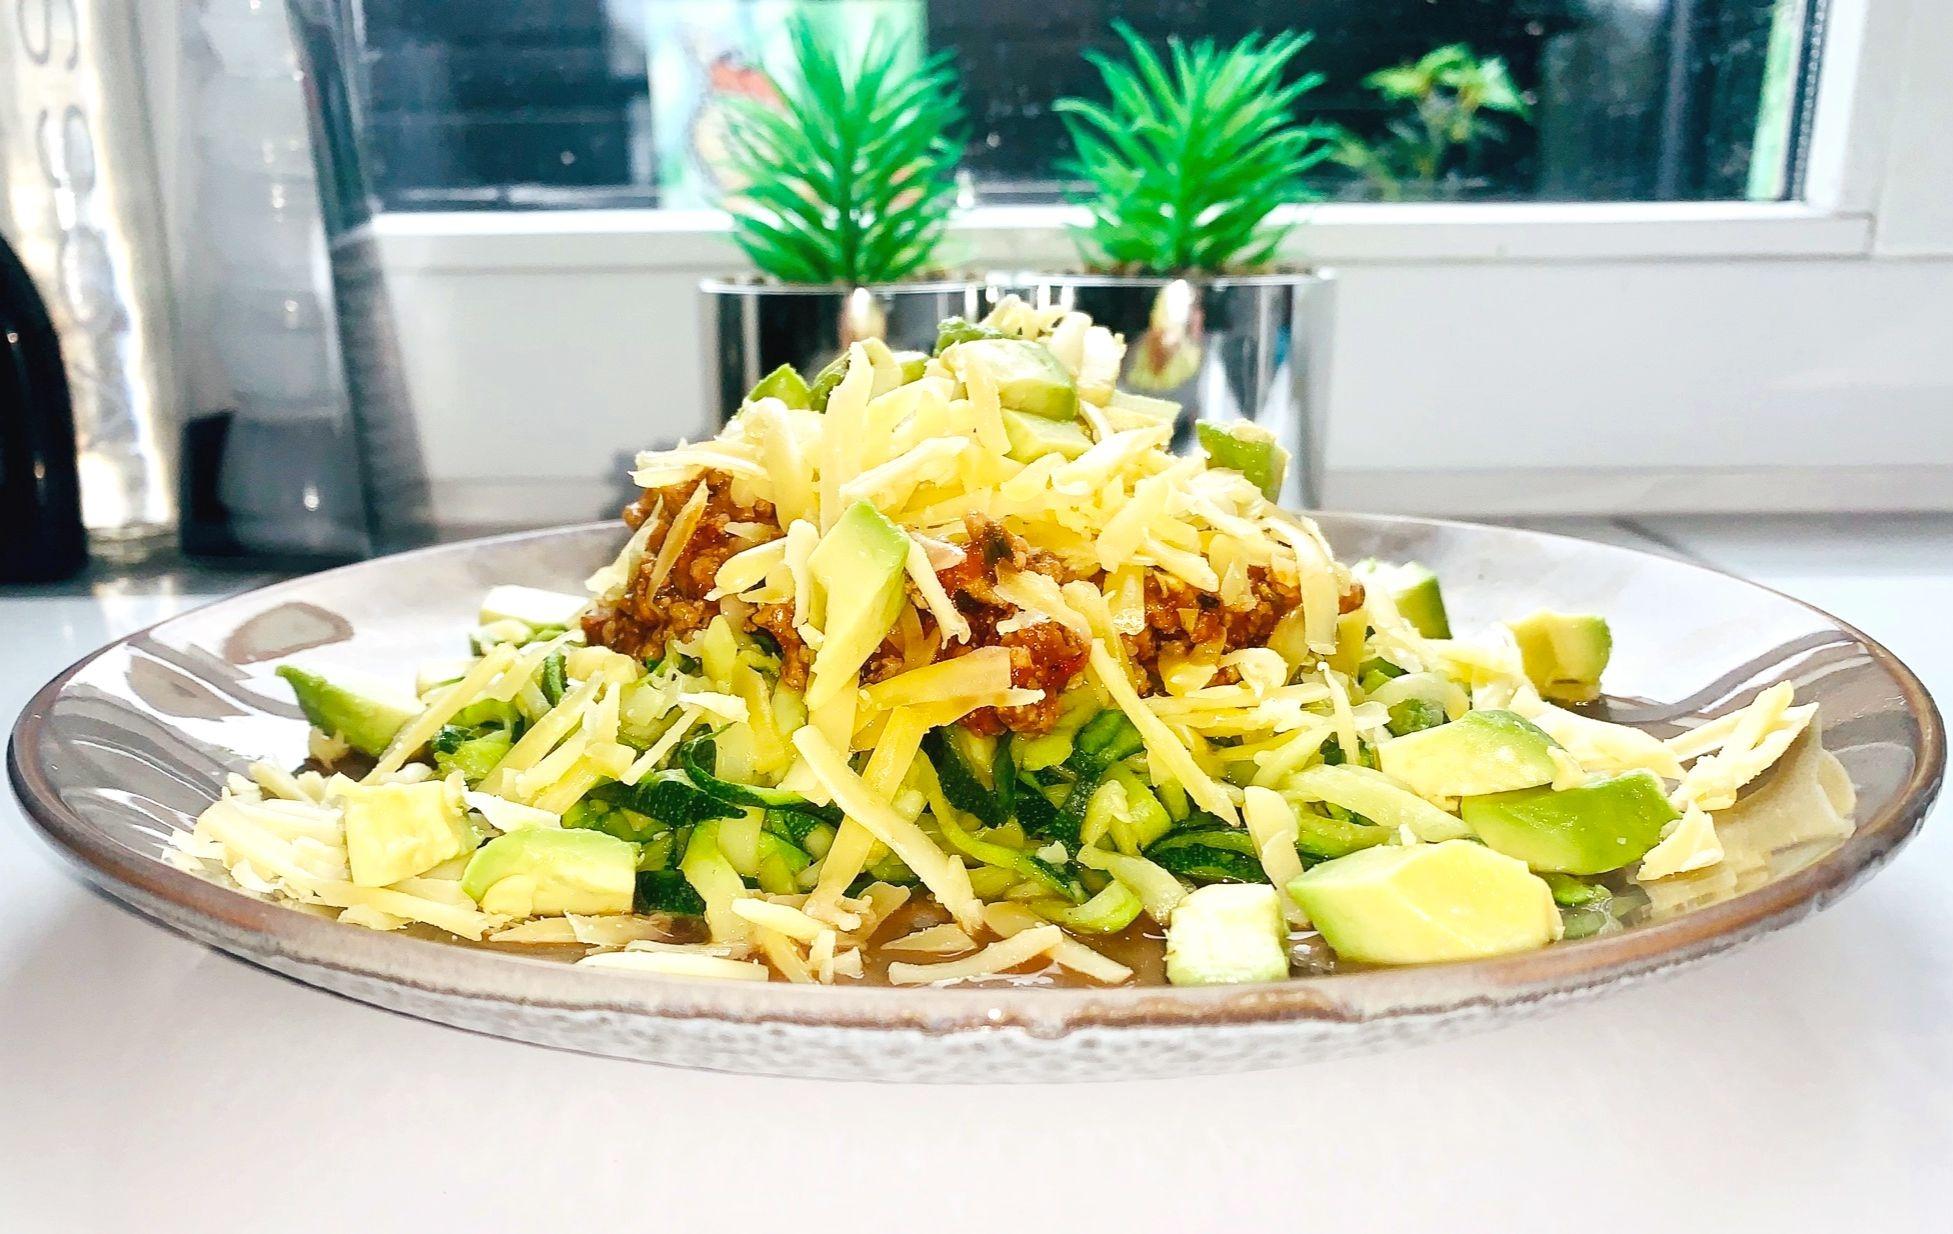 Recept: Keto Courgette Spaghetti (Courgetti)